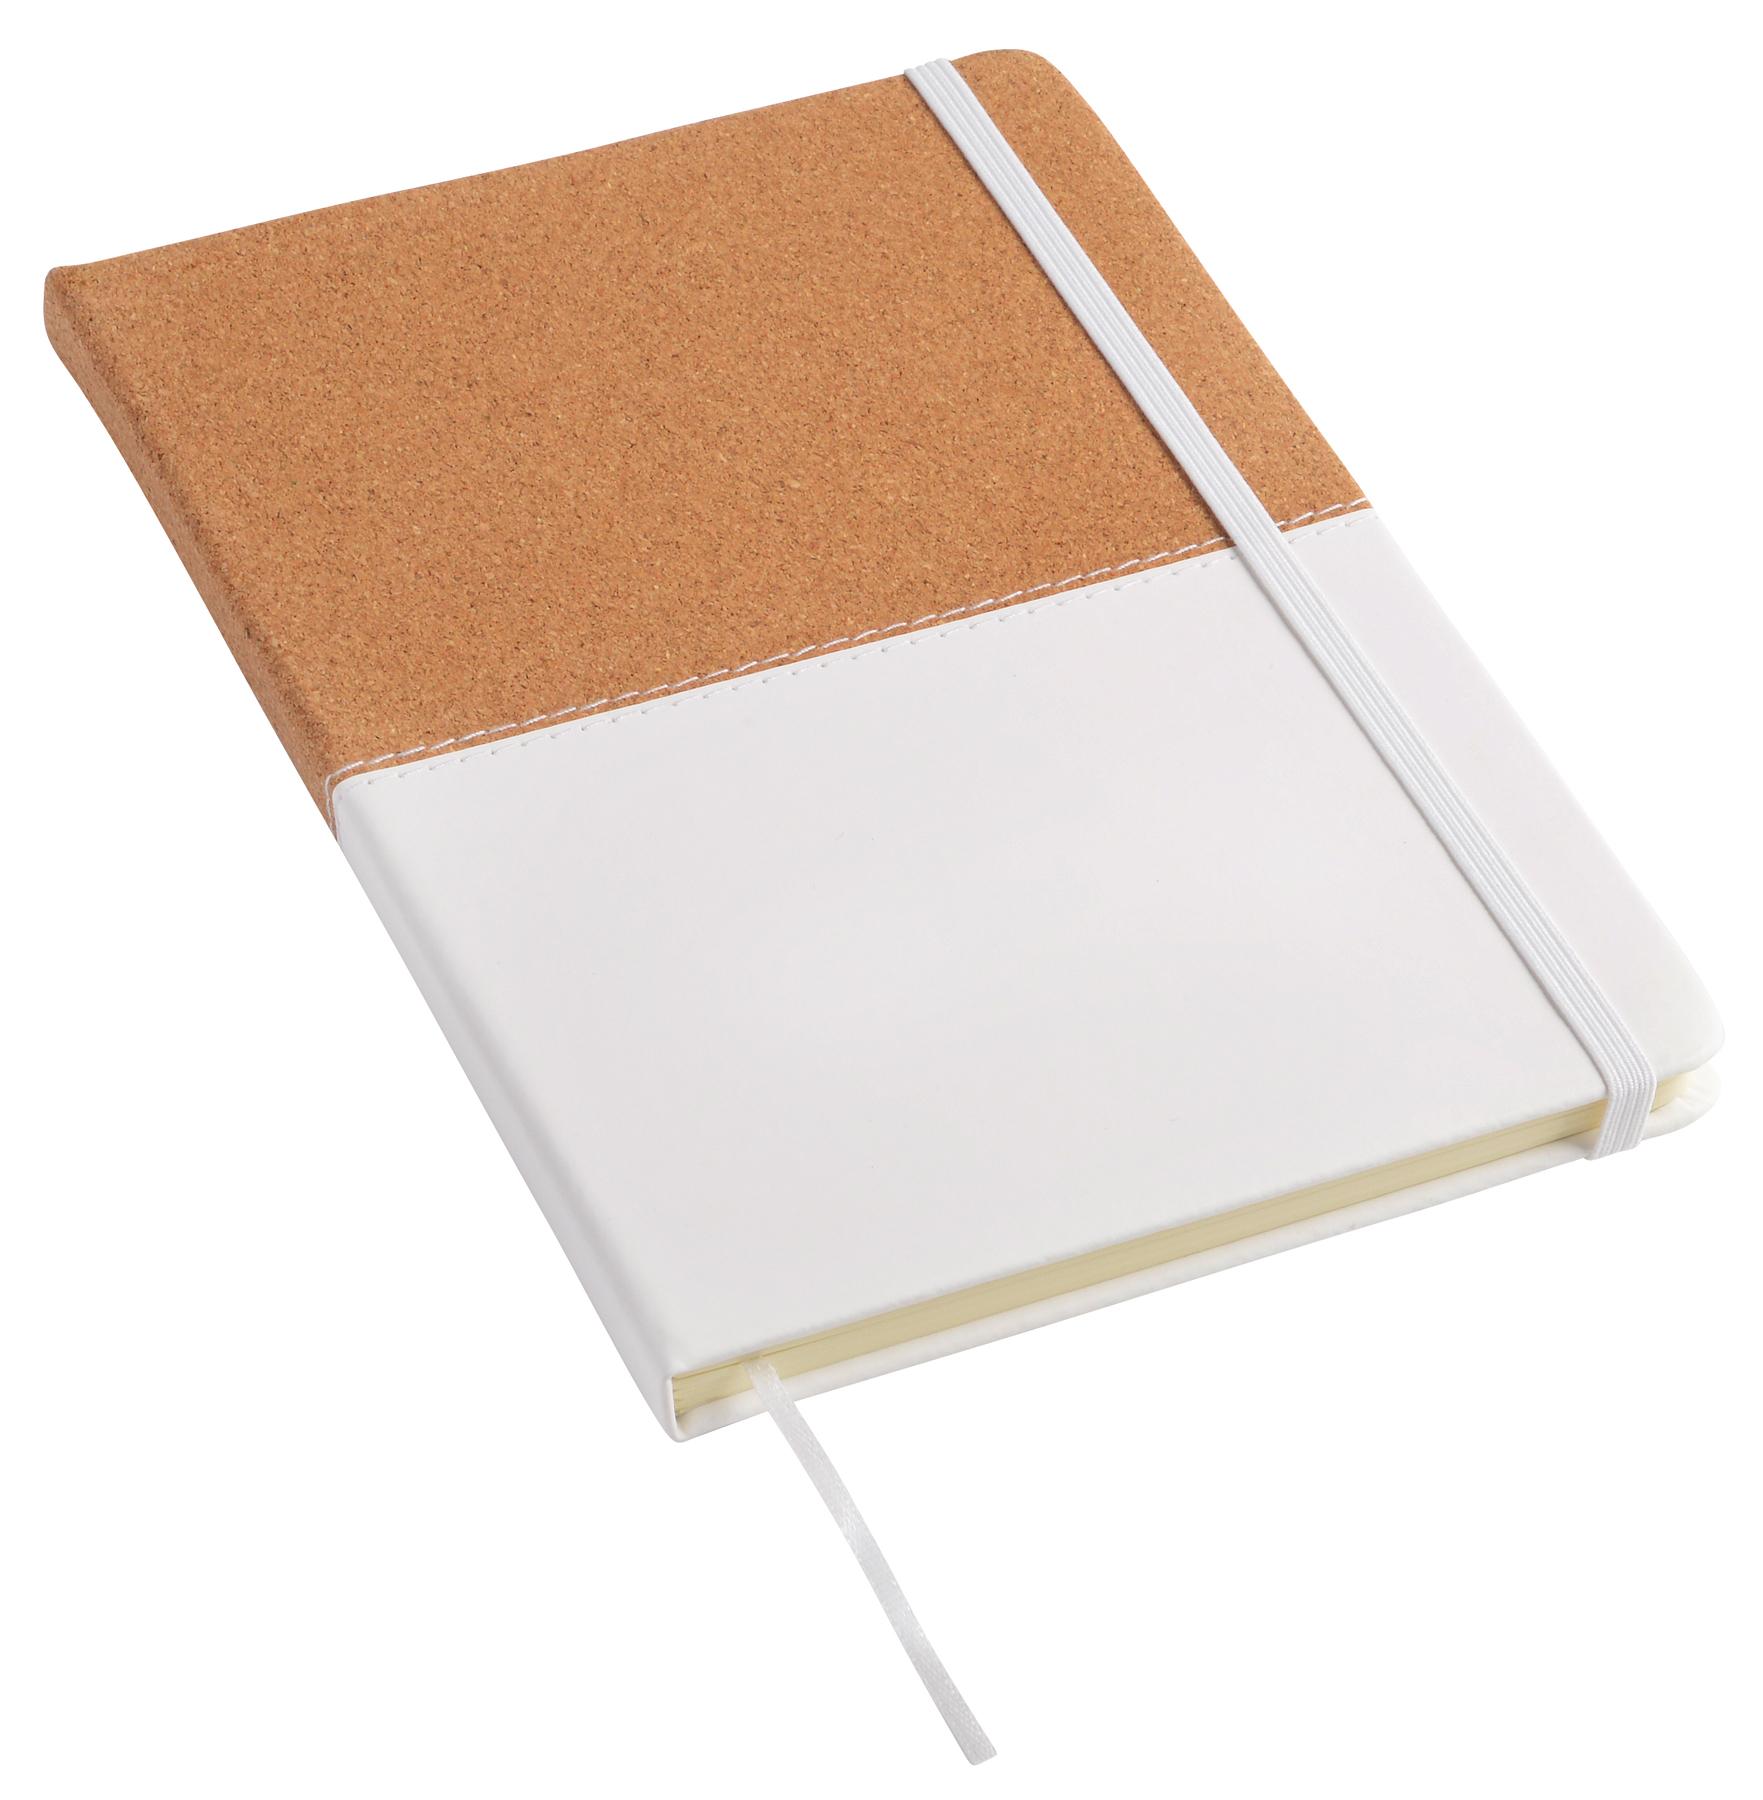 Rokovnik, Corky ,A5,  80 stranica , smeđe/bijeli